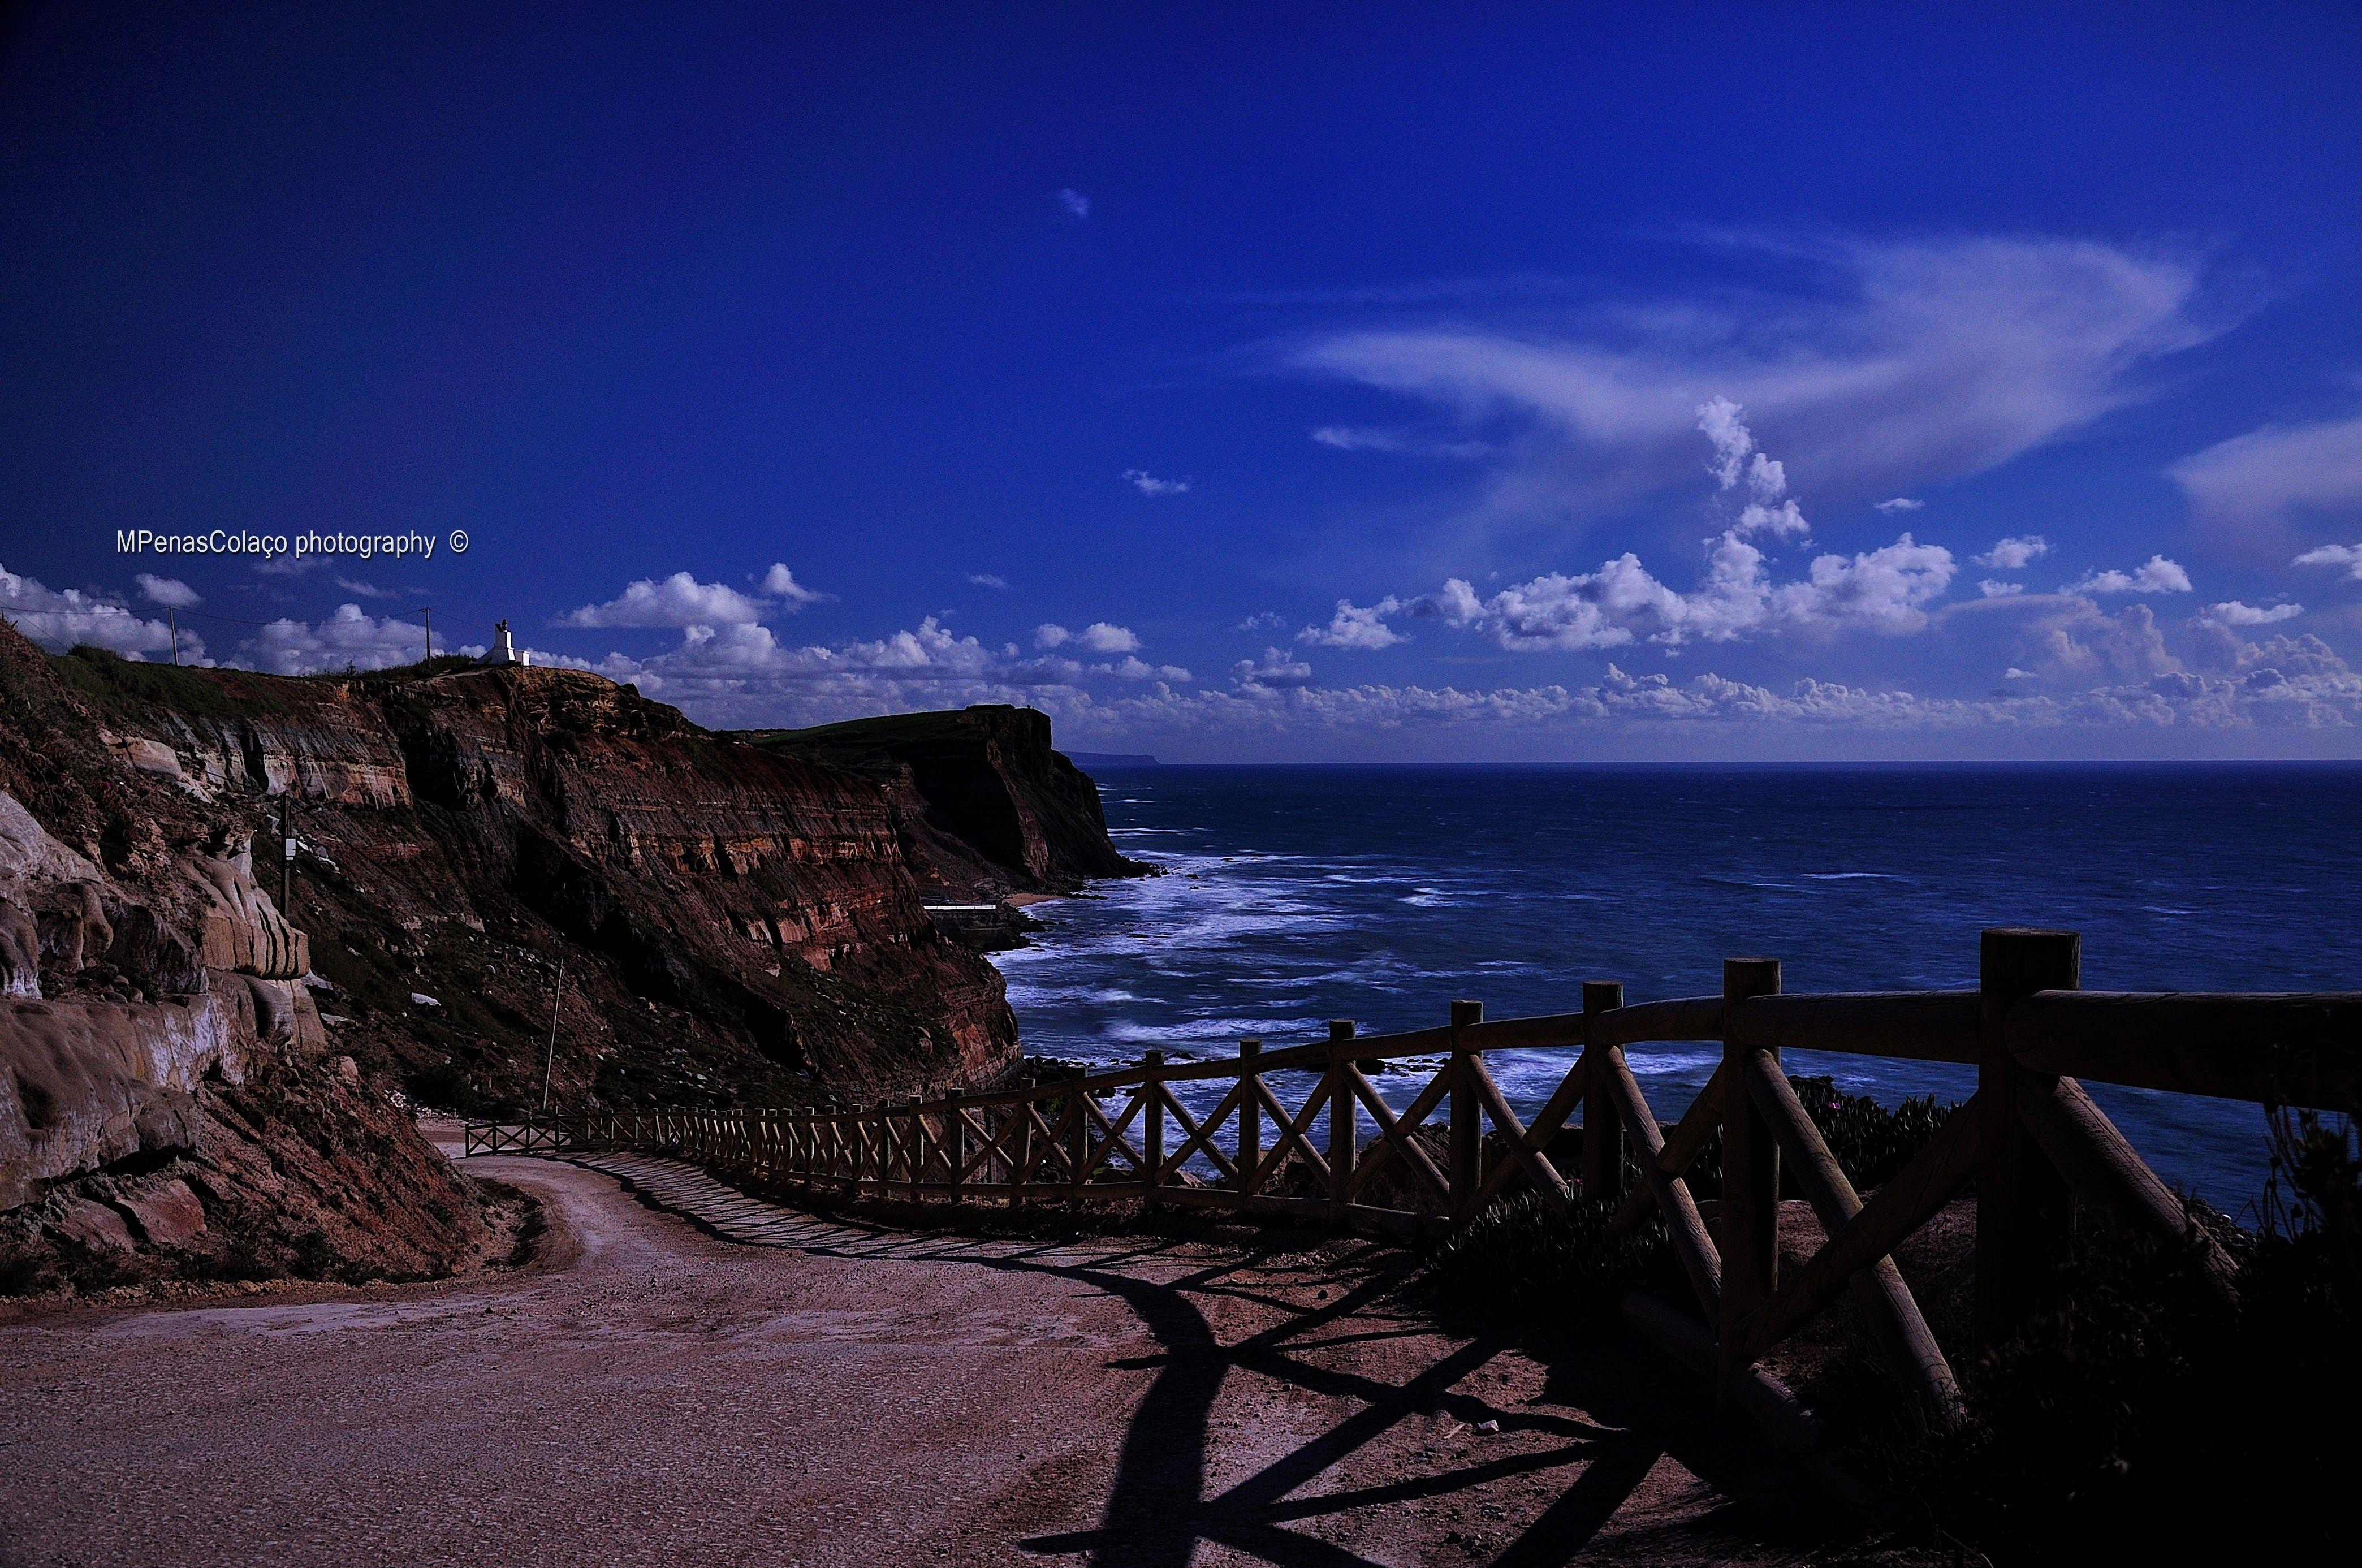 Praia de Assenta